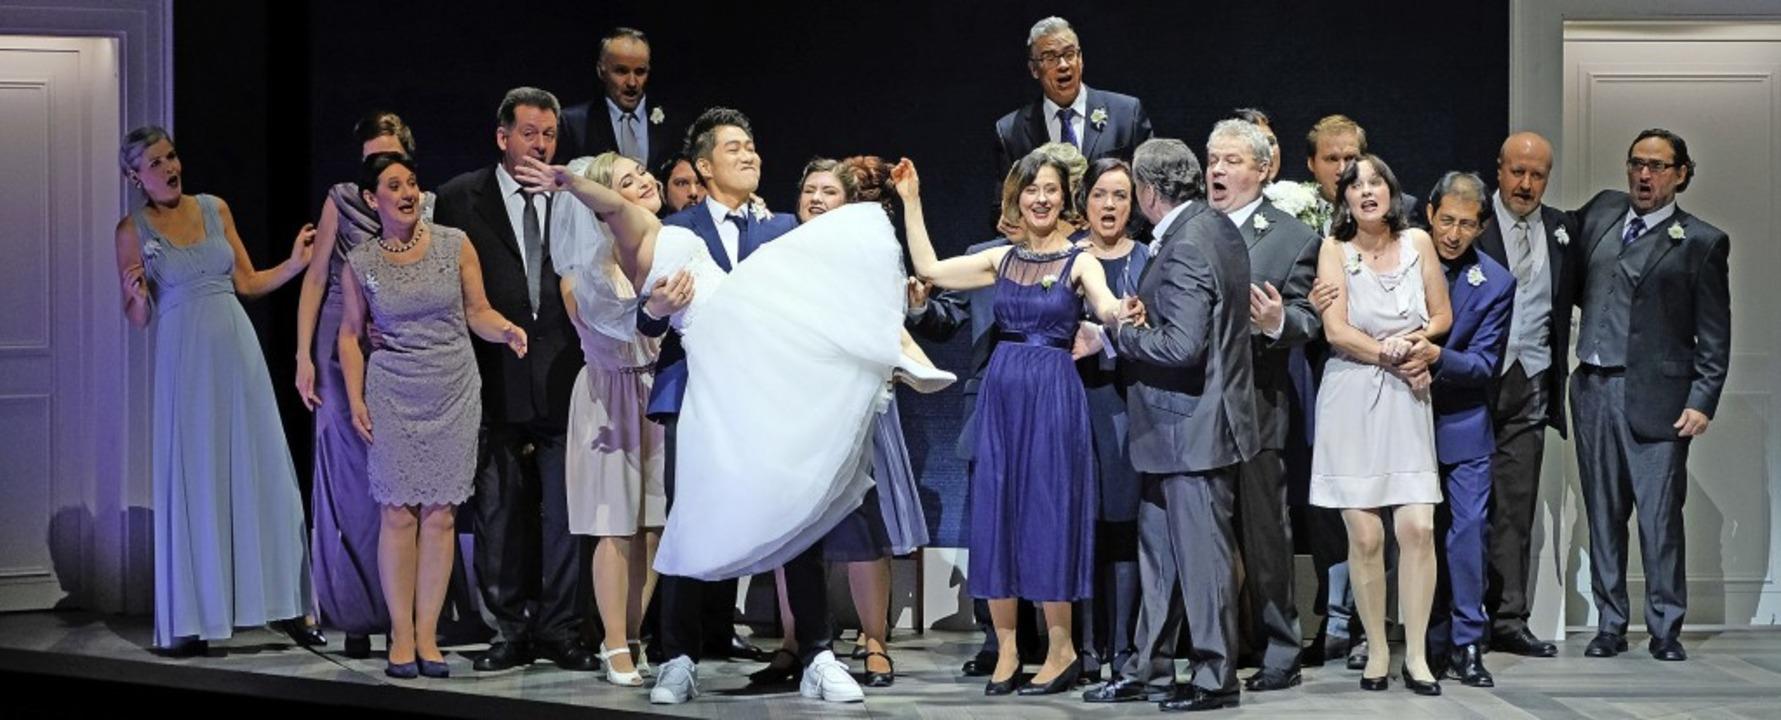 Hochzeitsnacht, kurz vor der Katastrophe: Szene aus dem ersten Akt.  | Foto: falk von traubenberg